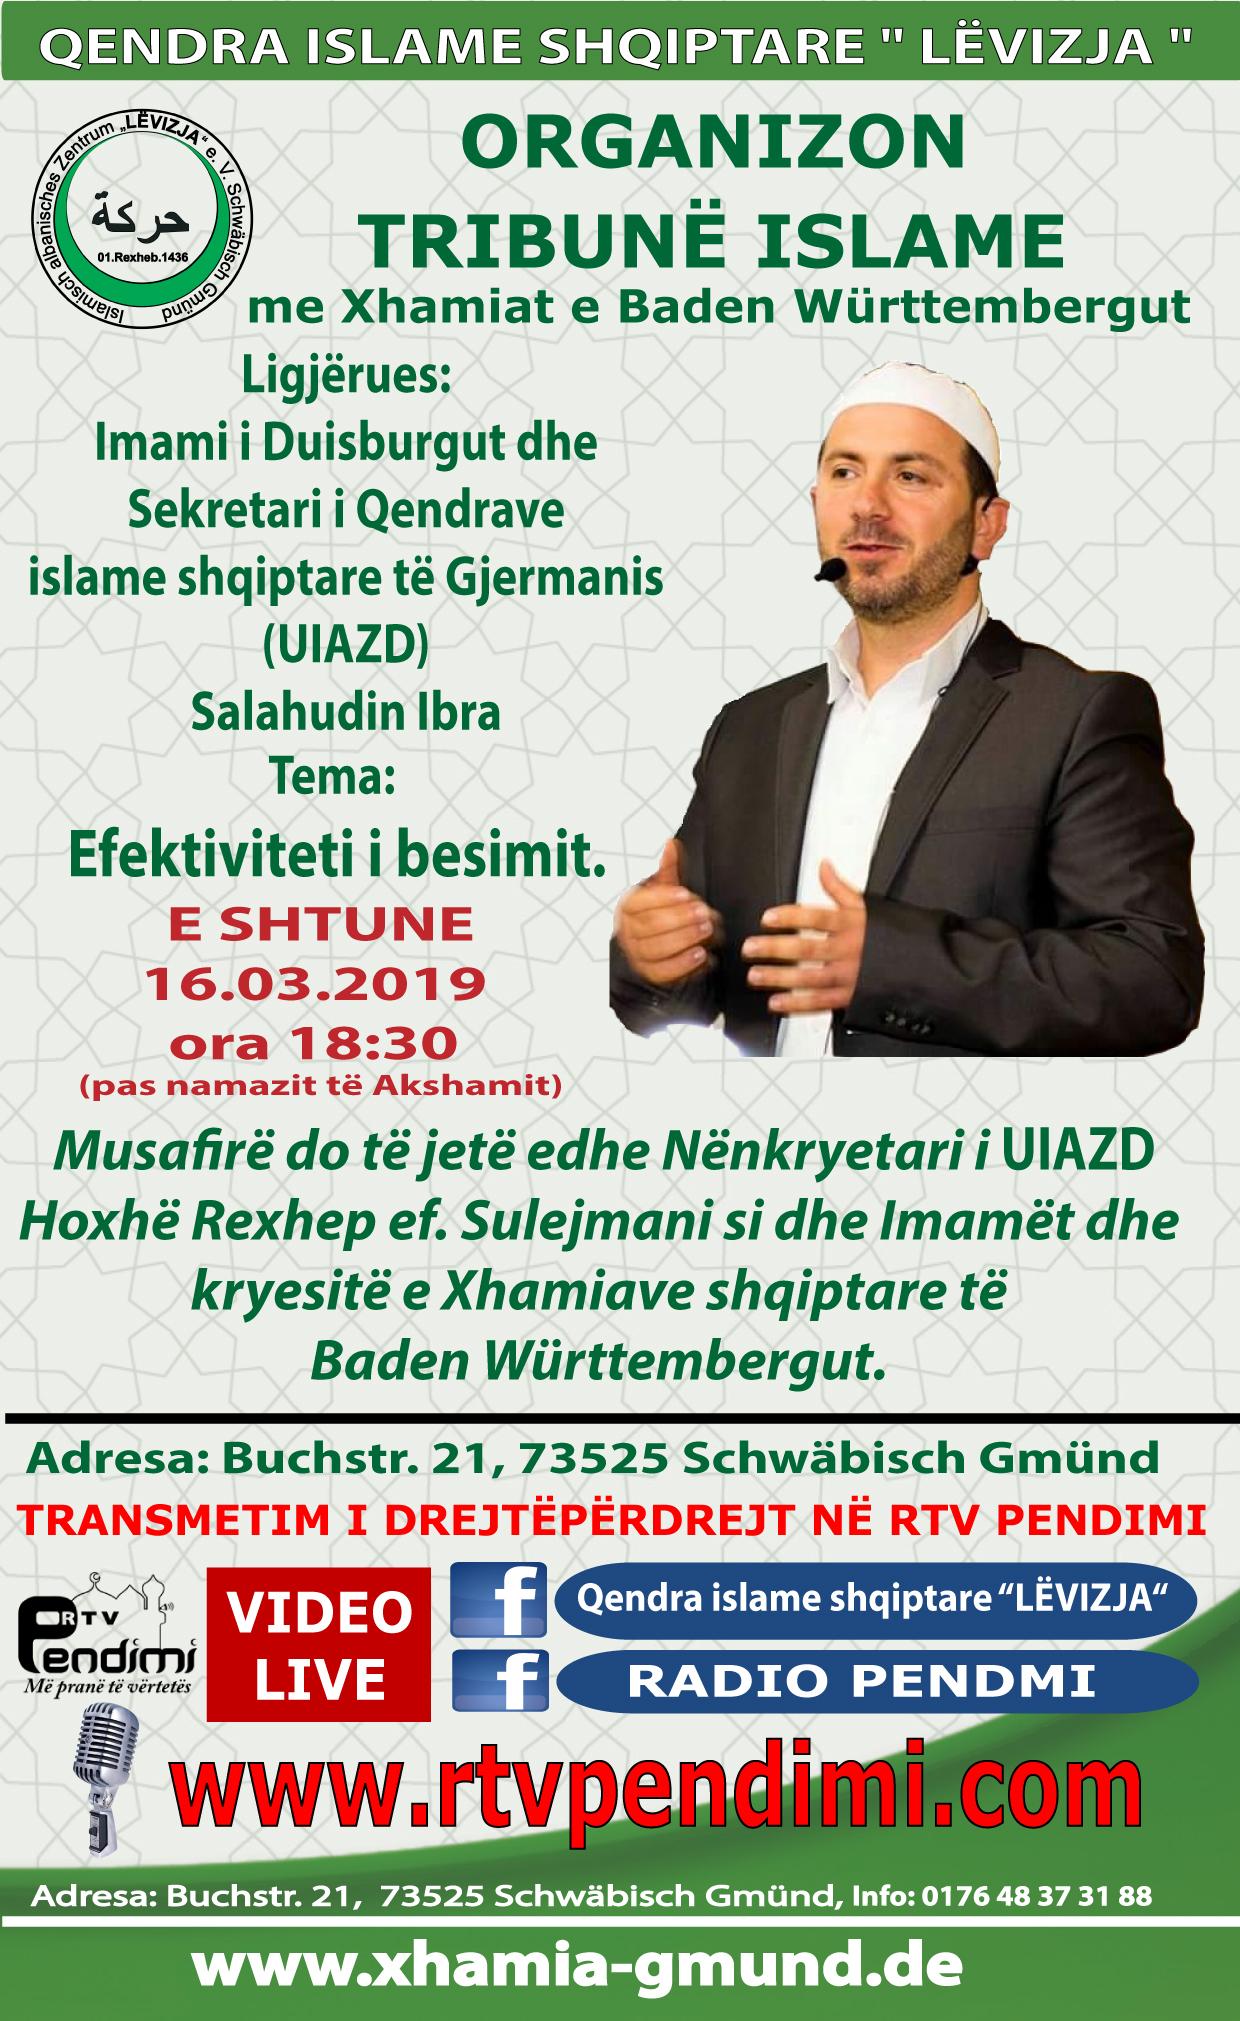 1. Tribun me Xhamiat e Baden Württembergut LEVIZJA